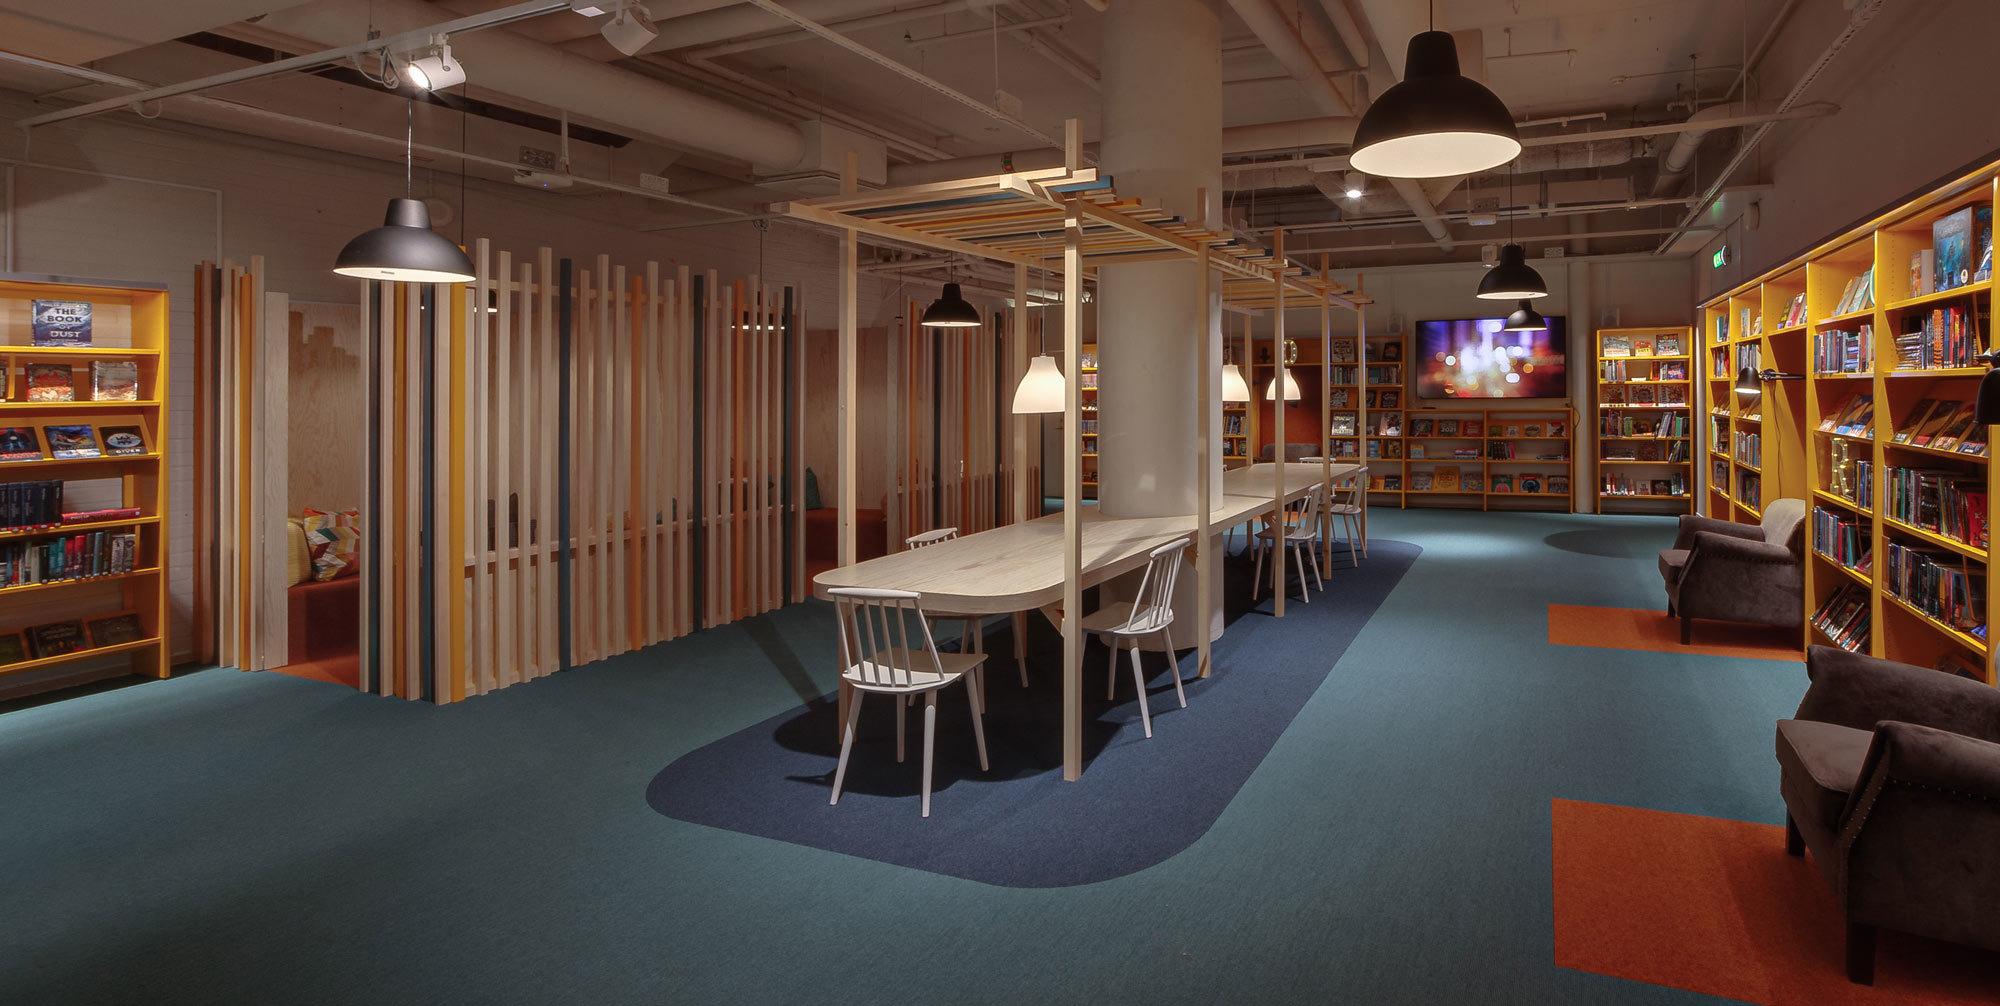 Der Teppich von tretford hebt die unterschiedlichen Zonen farblich vom Rest des Raumes ab. Sogar runde Formen lassen sich umsetzen.